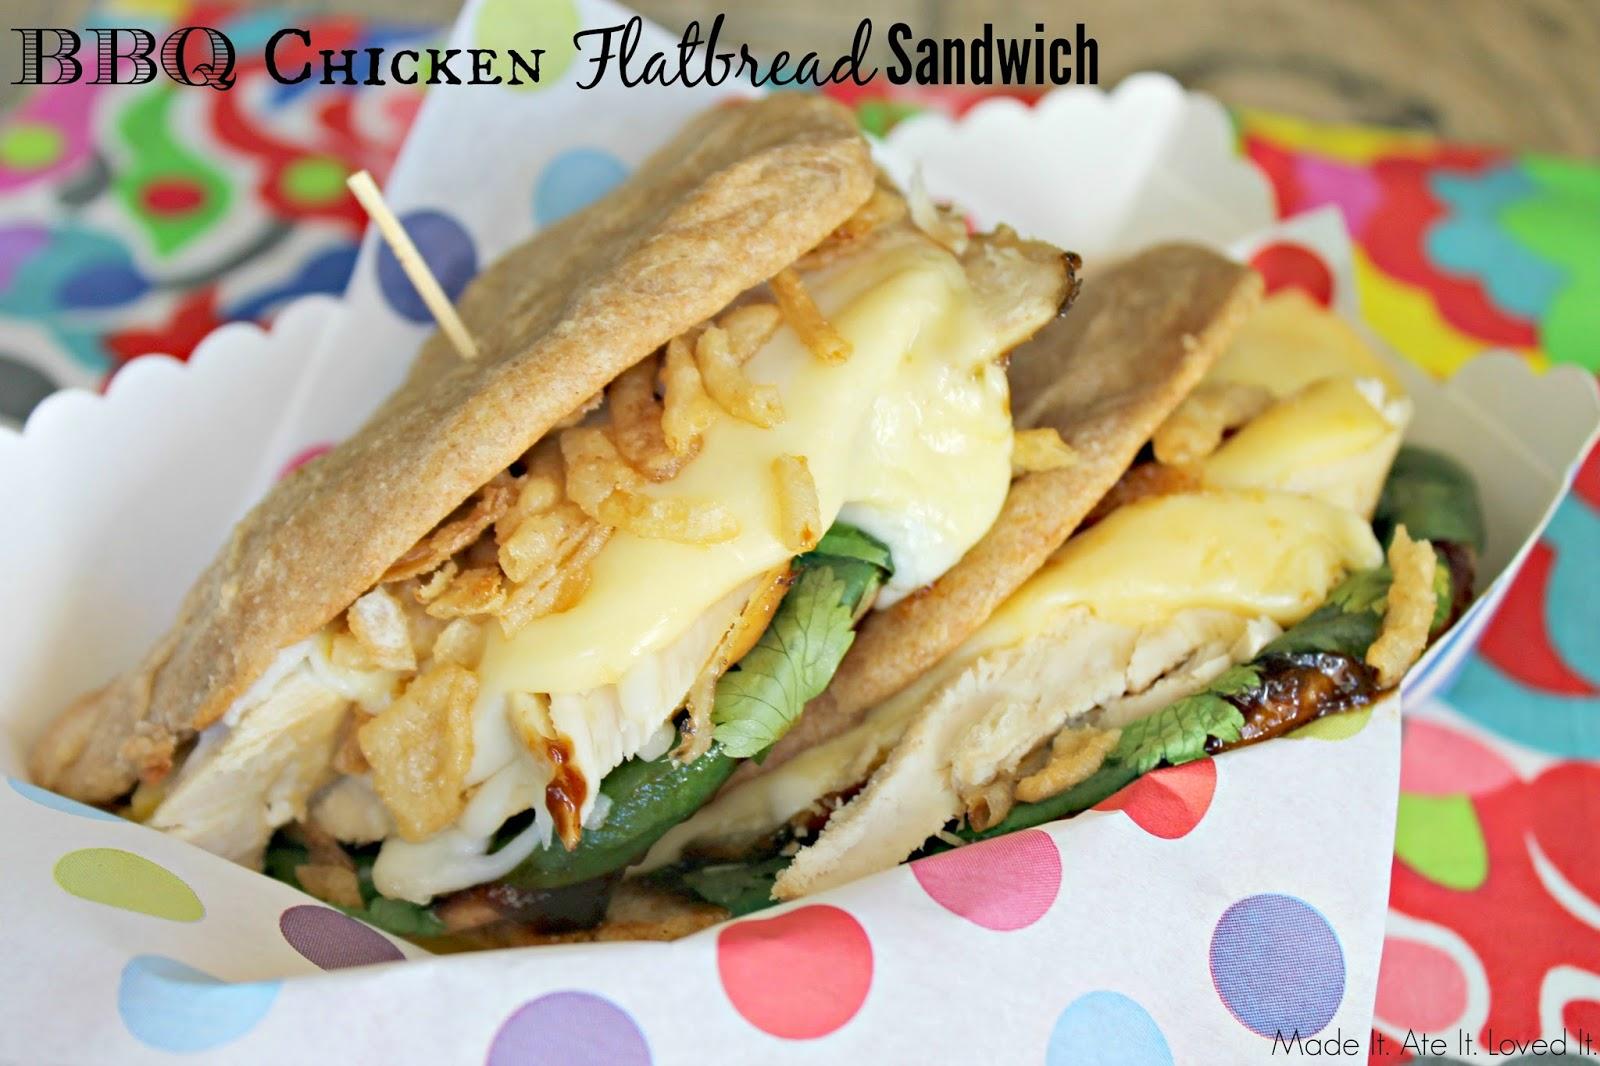 BBQ Chicken Flatbread Sandwich